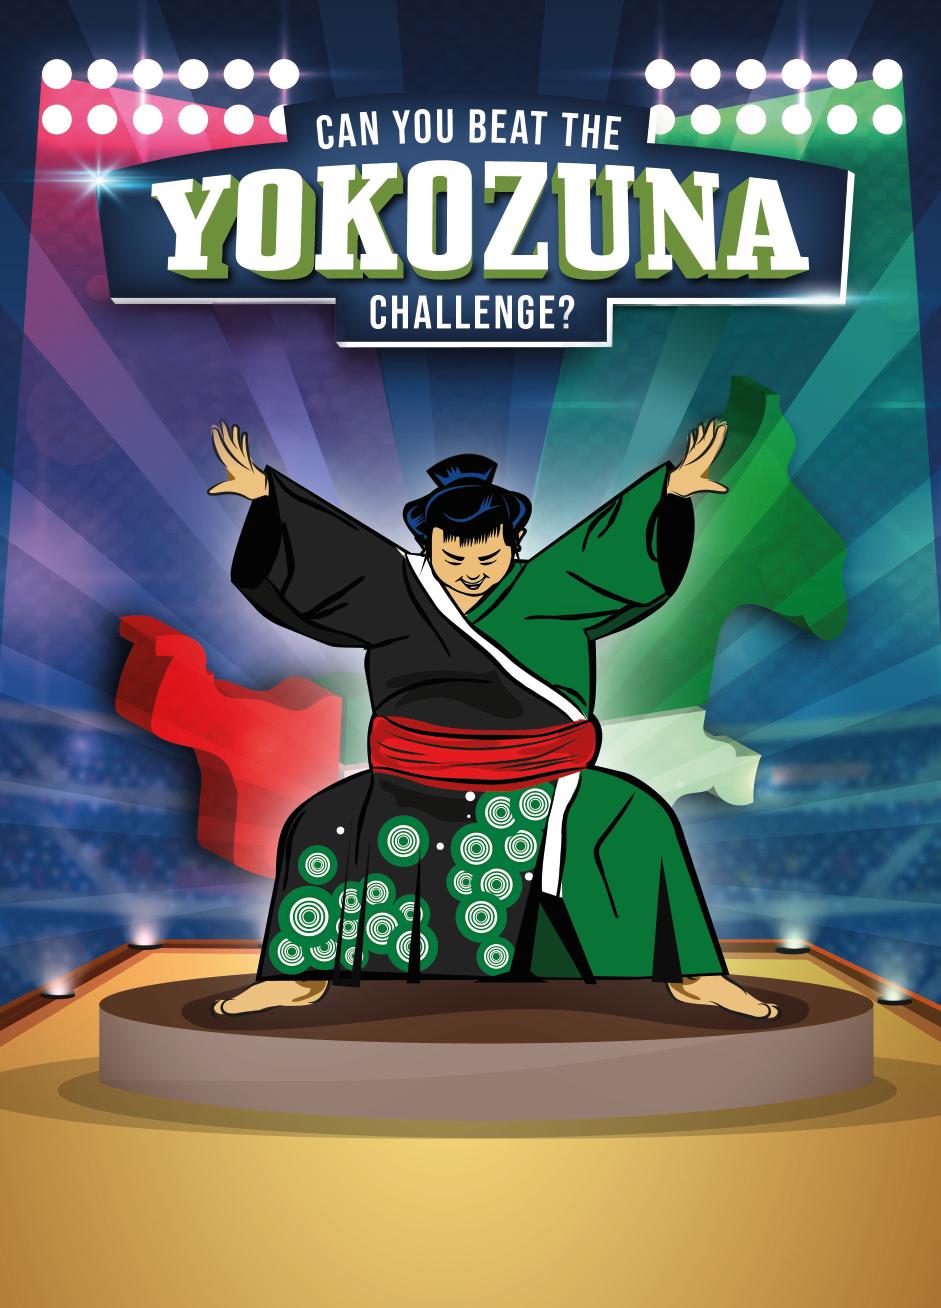 النسخة الثانية من تحدي يوكوزونا سوشي